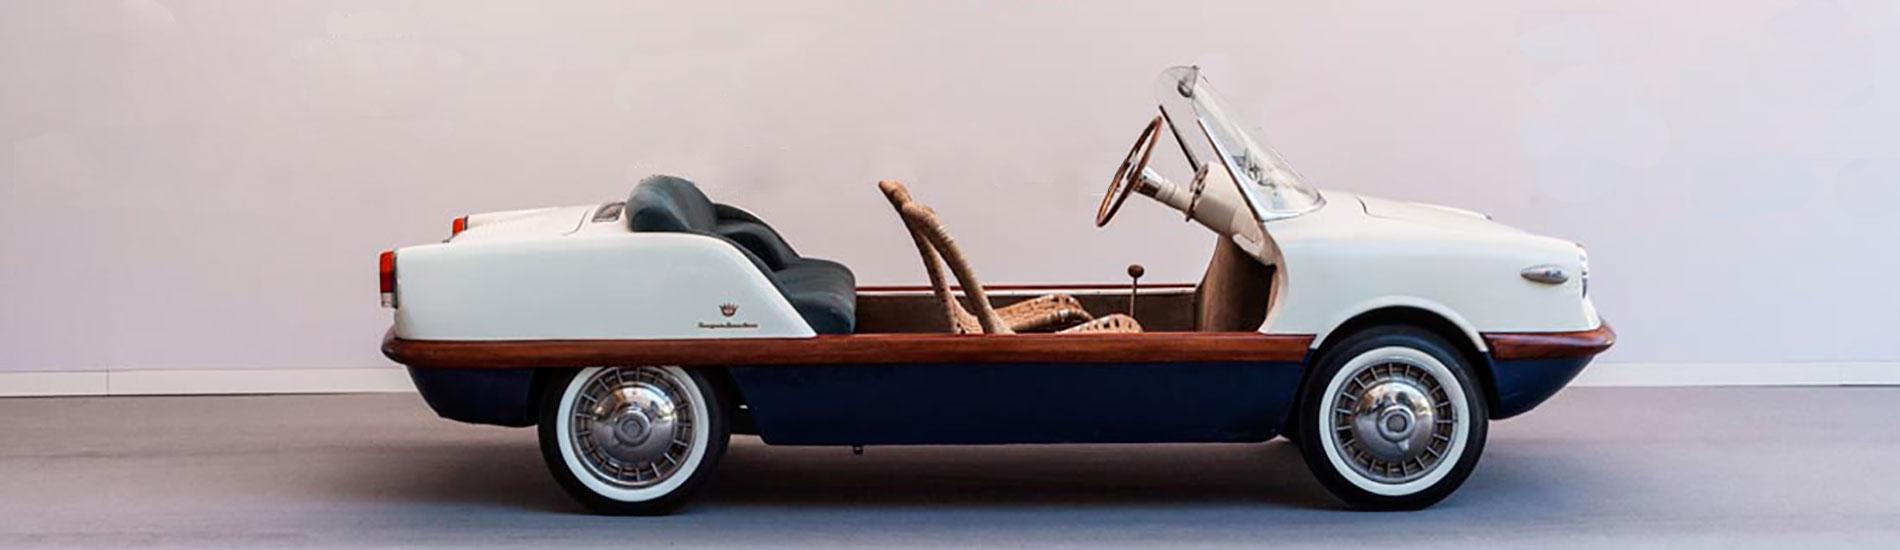 Fiat 500 Spiaggia Boano - Immagine Auto Classic